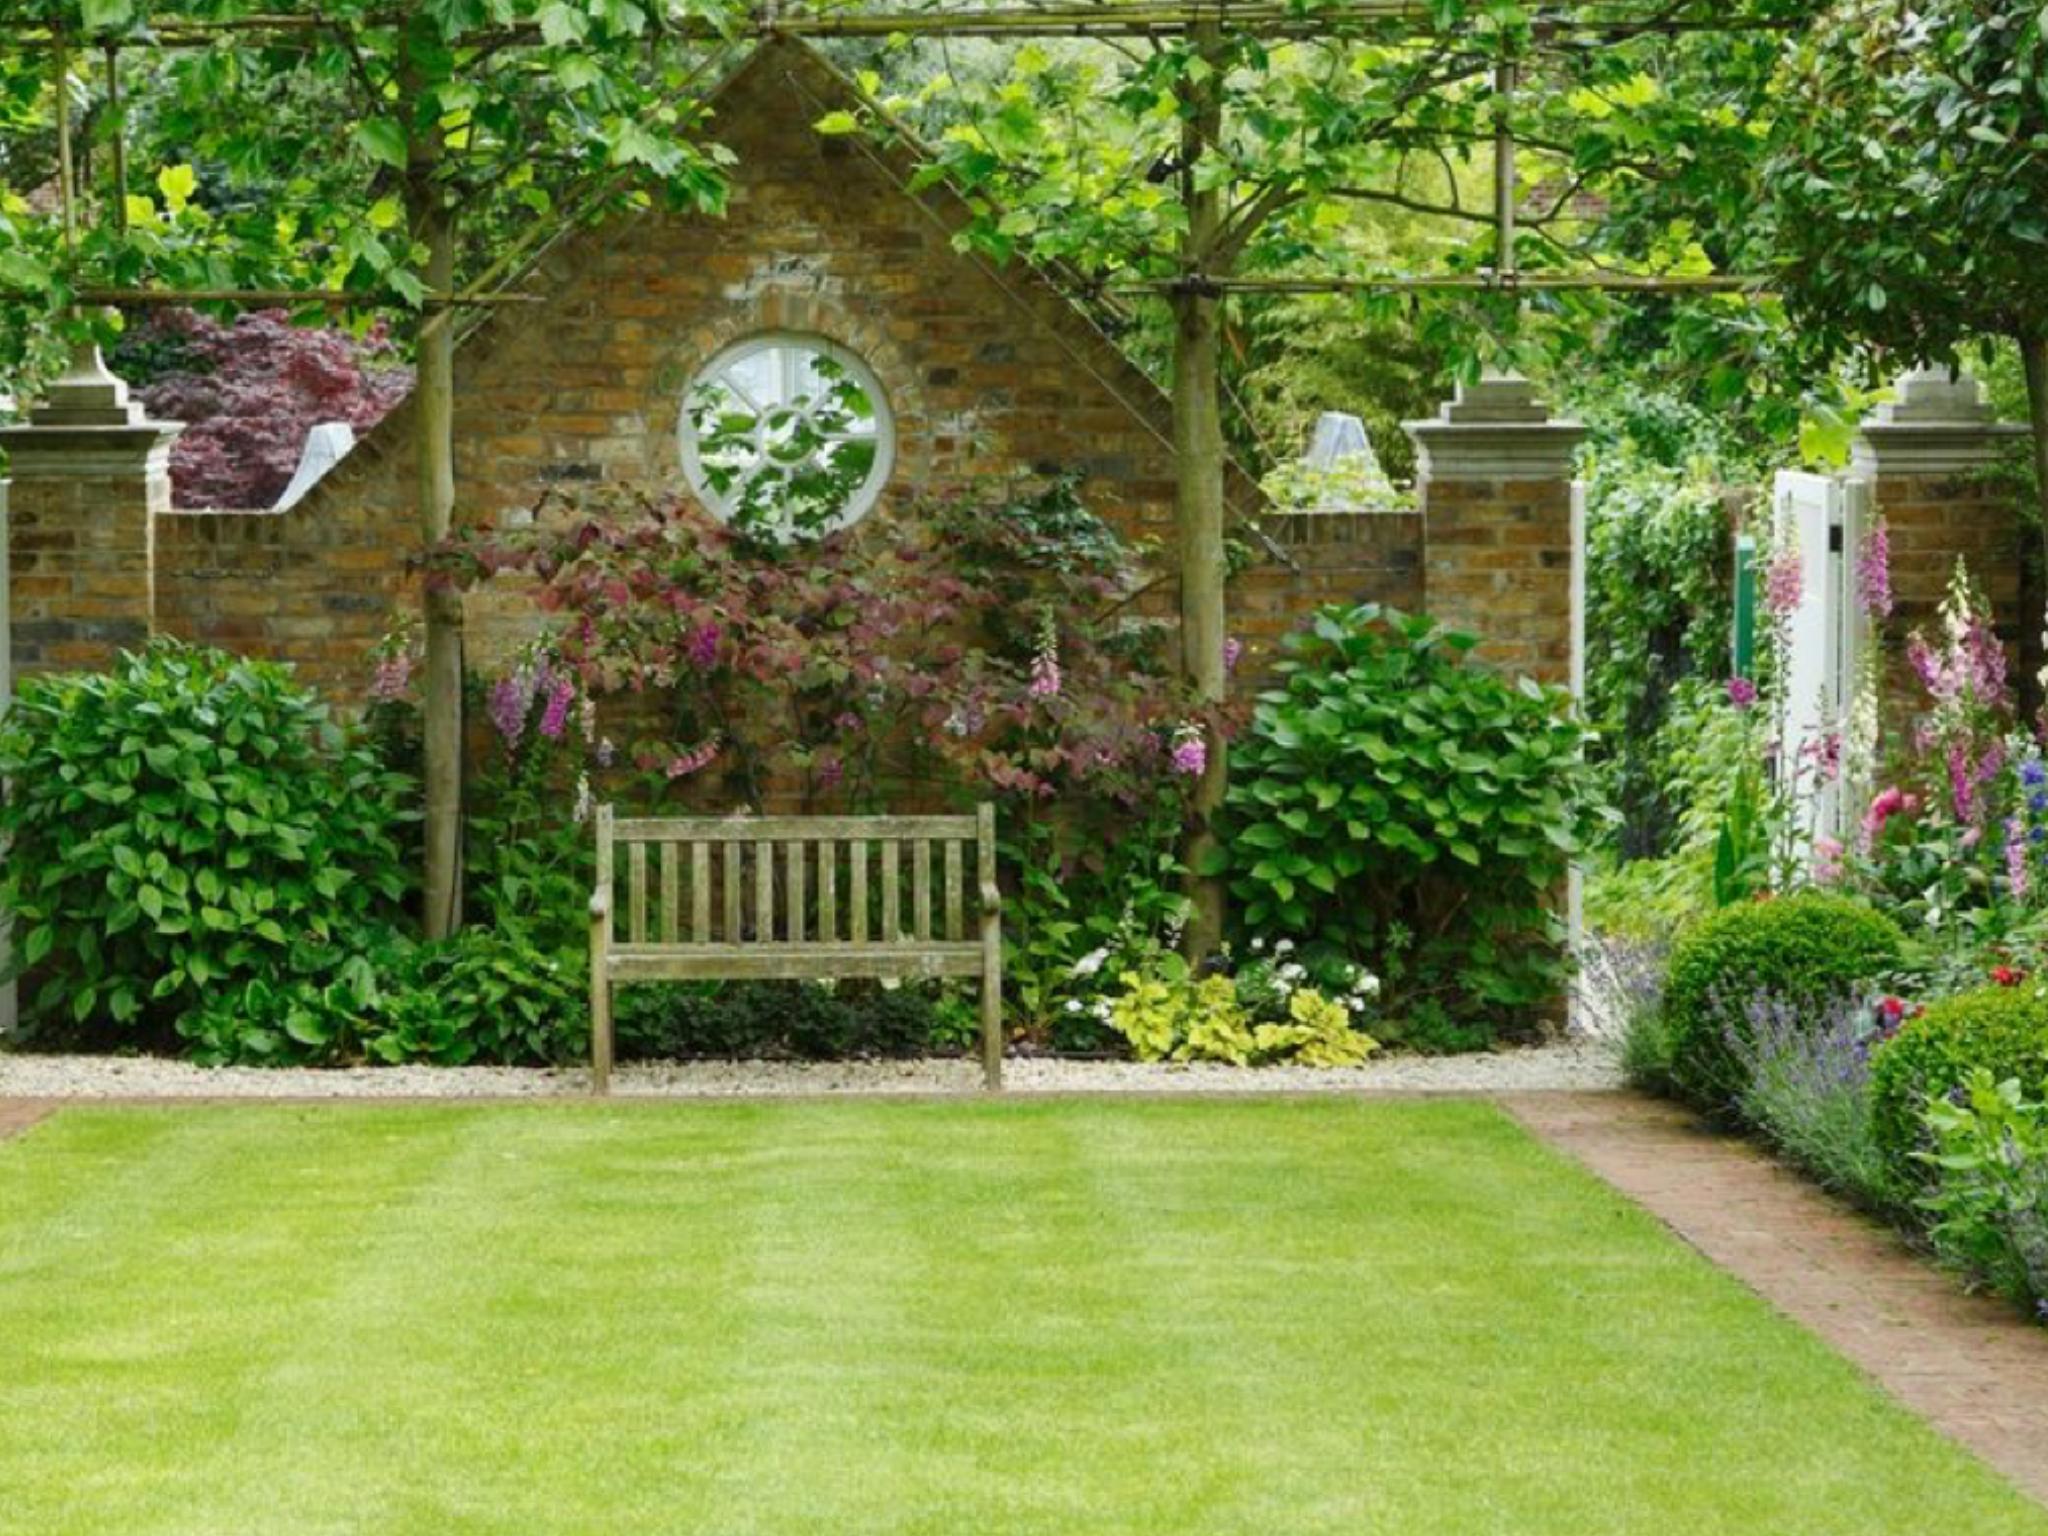 Barb Ventes Sur Les Jardins Anglais De Conception De Jardin ... intérieur Petit Jardin Paysager